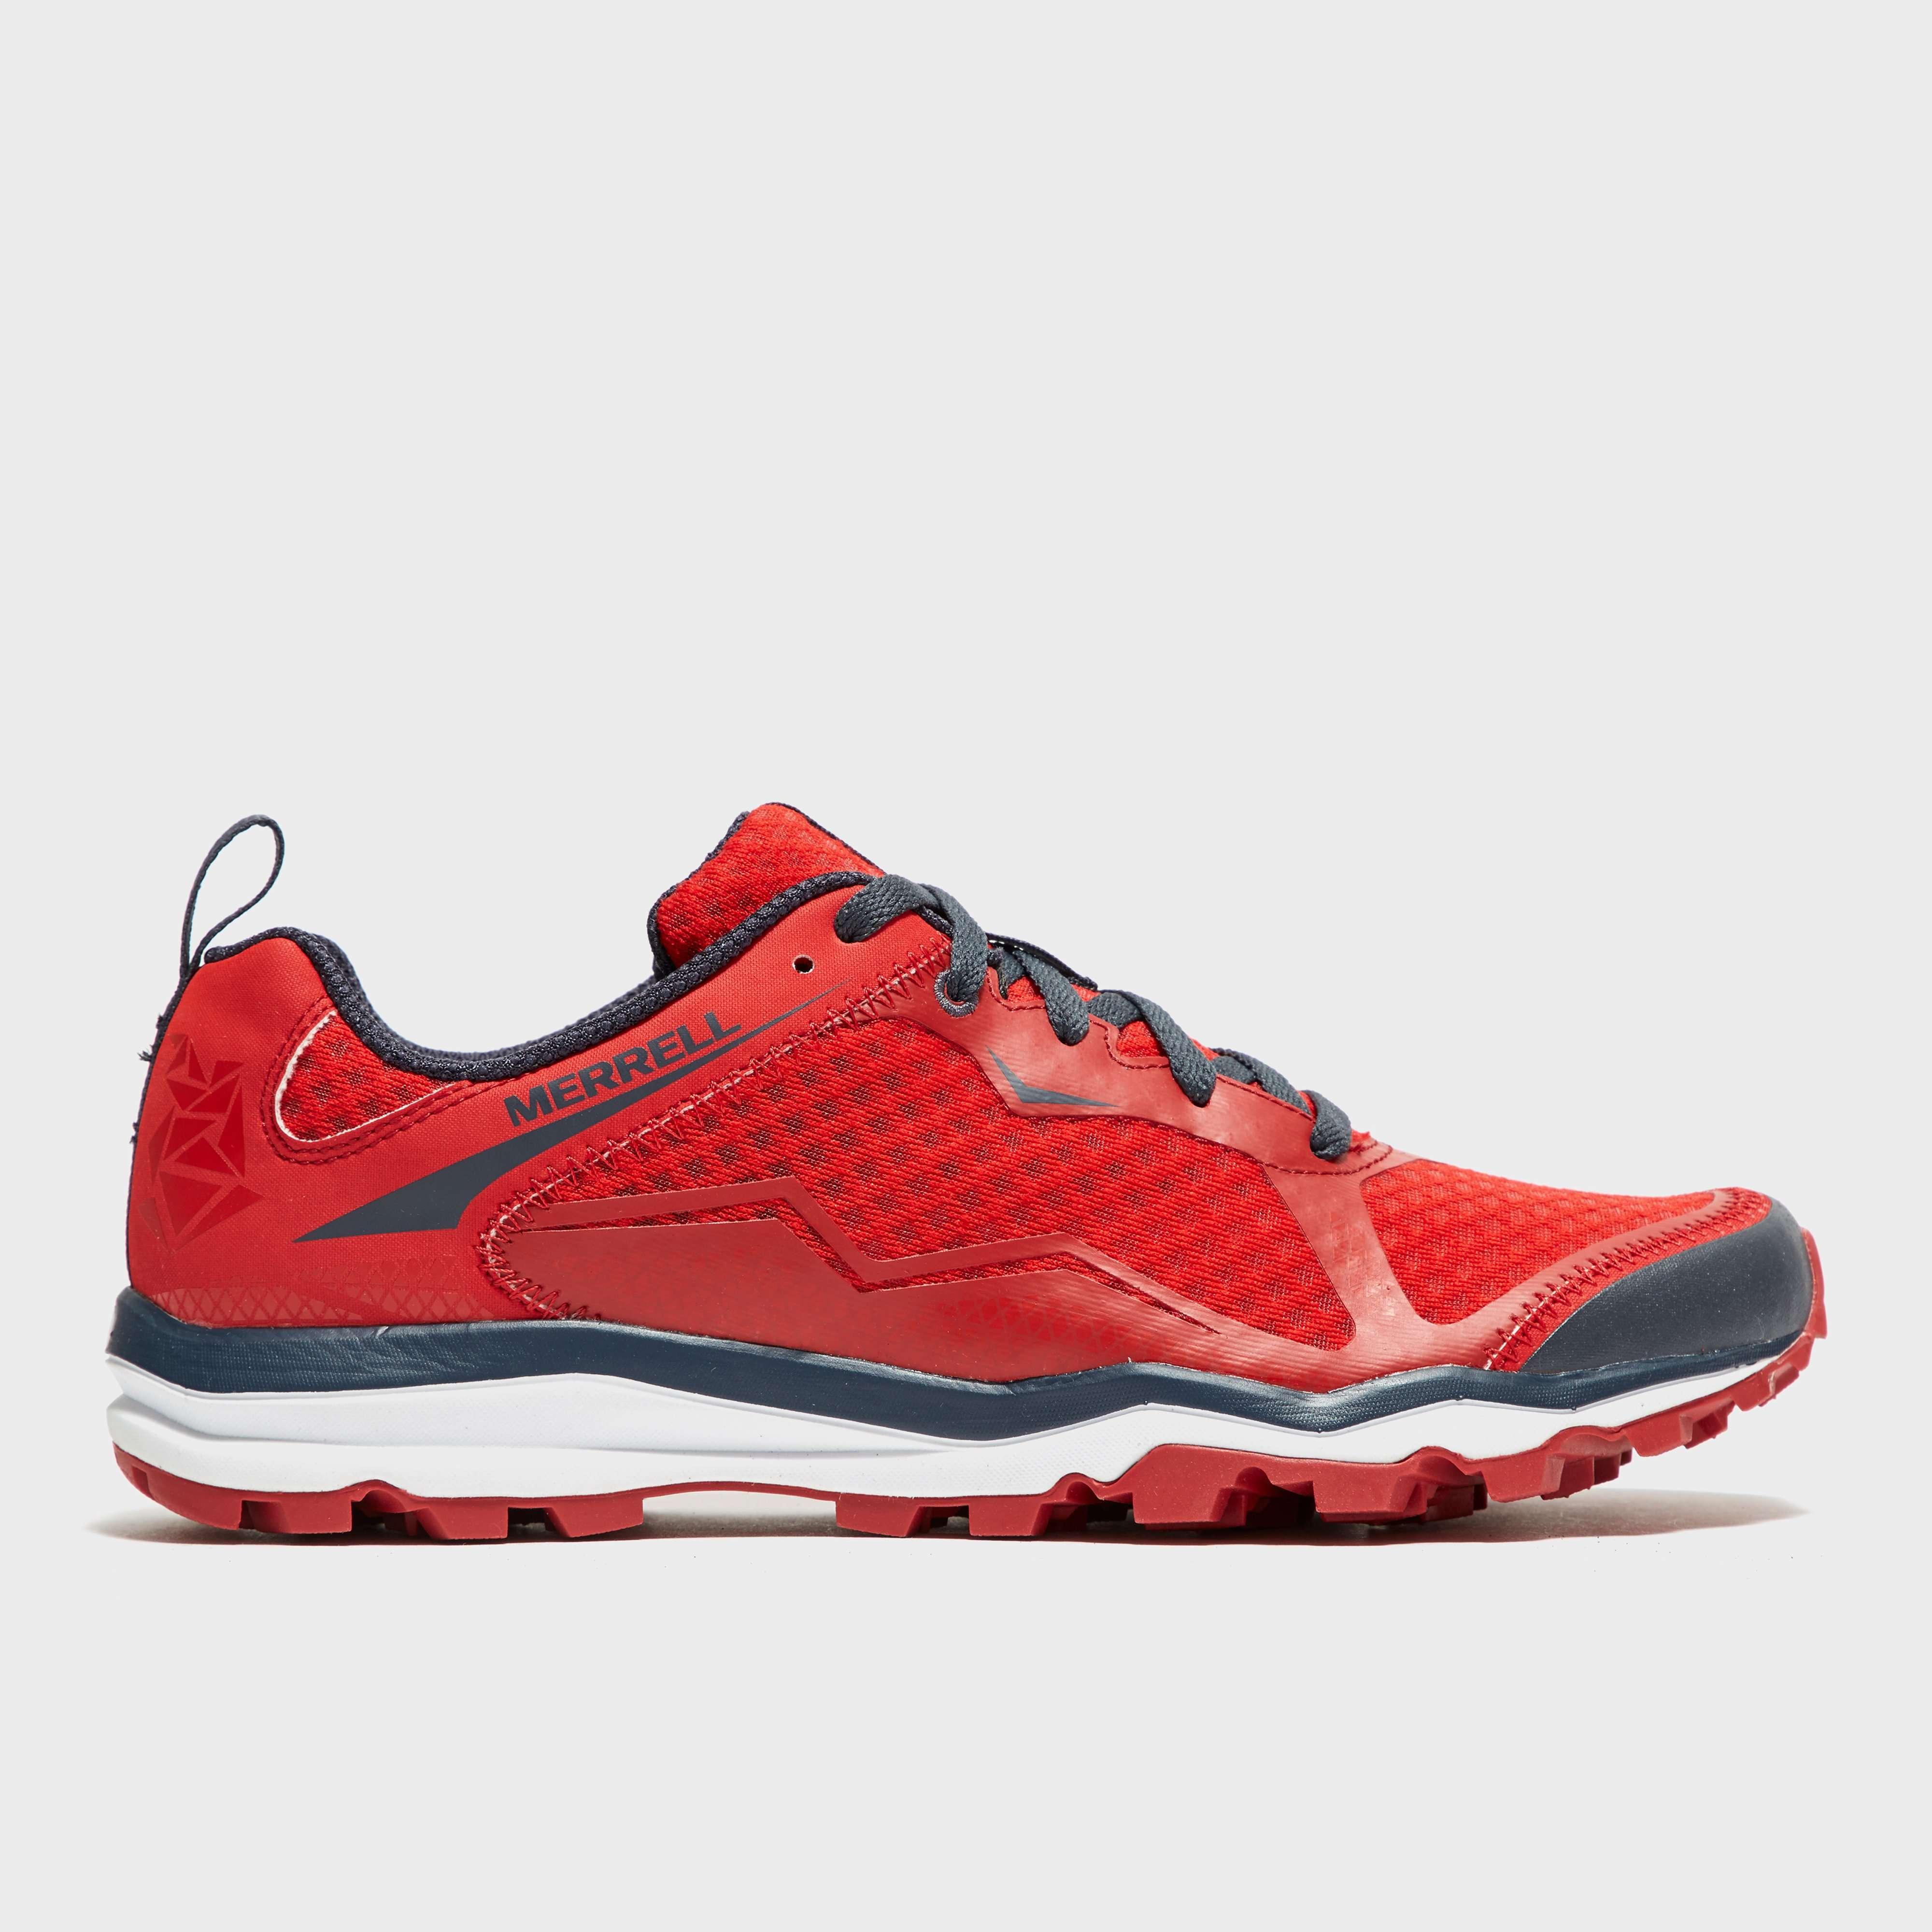 MERRELL Men's All Out Crush Light TrailRunning Shoe